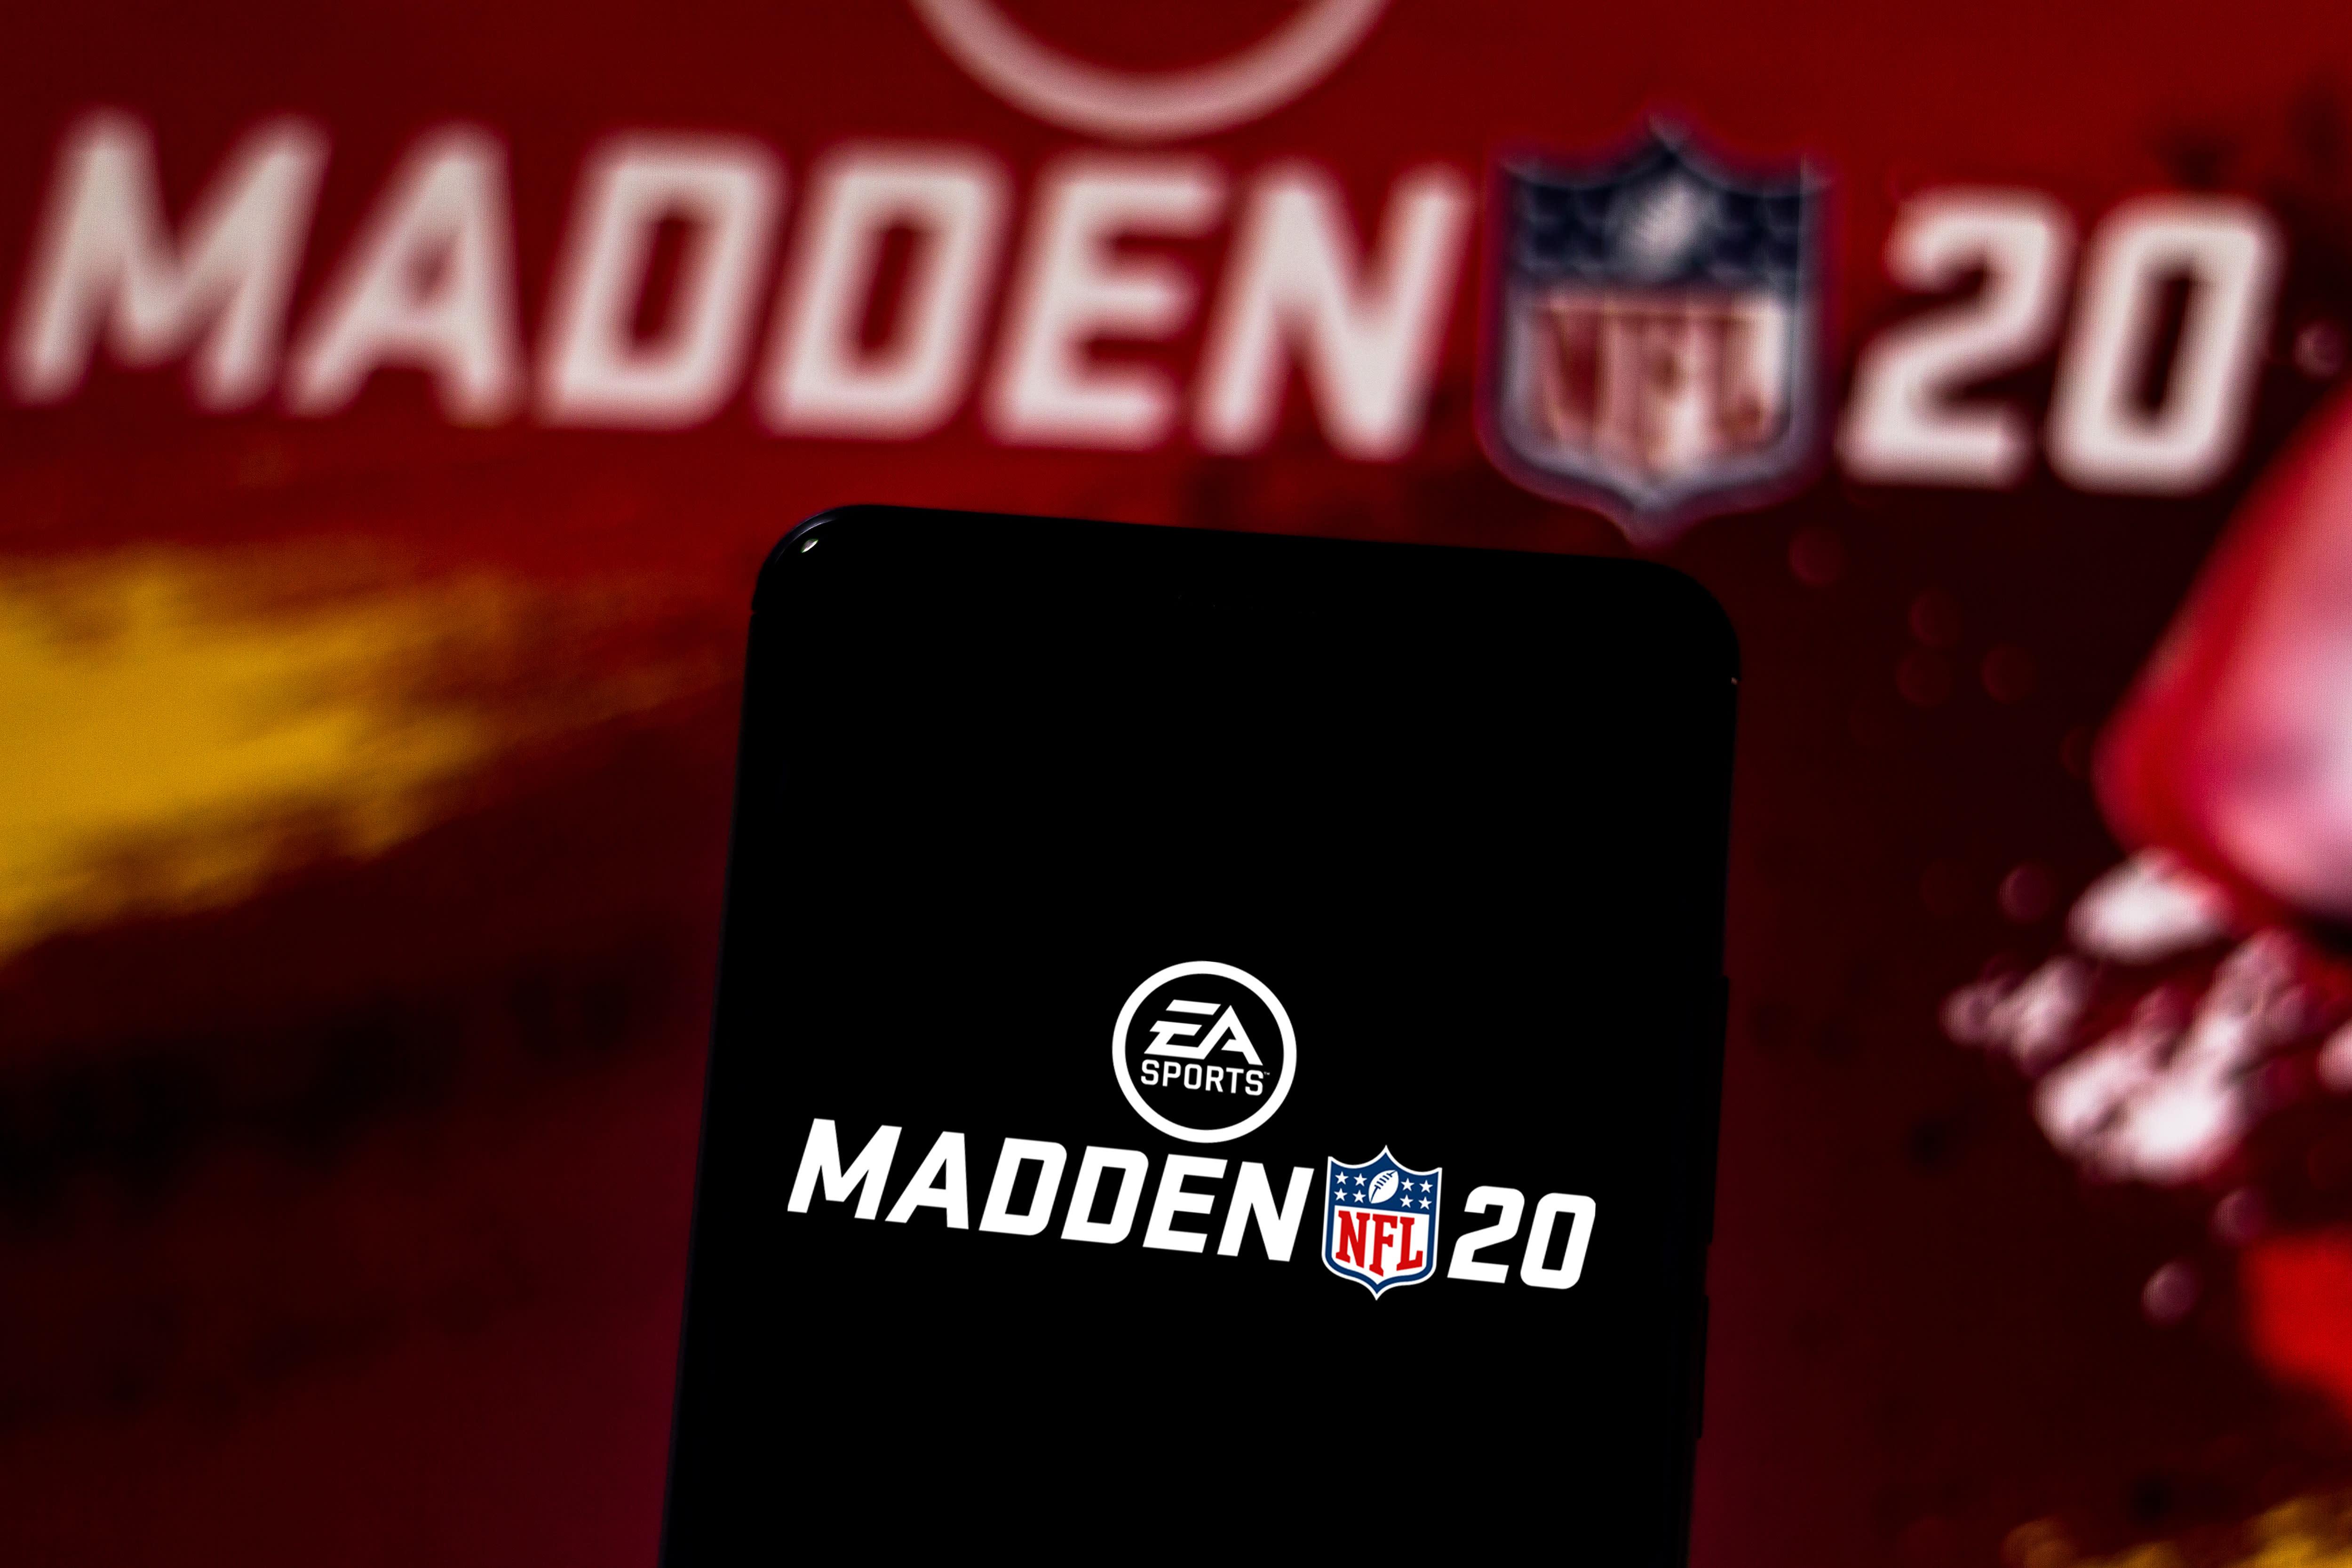 Madden NFL 20' predicts Chiefs will win Super Bowl LIV